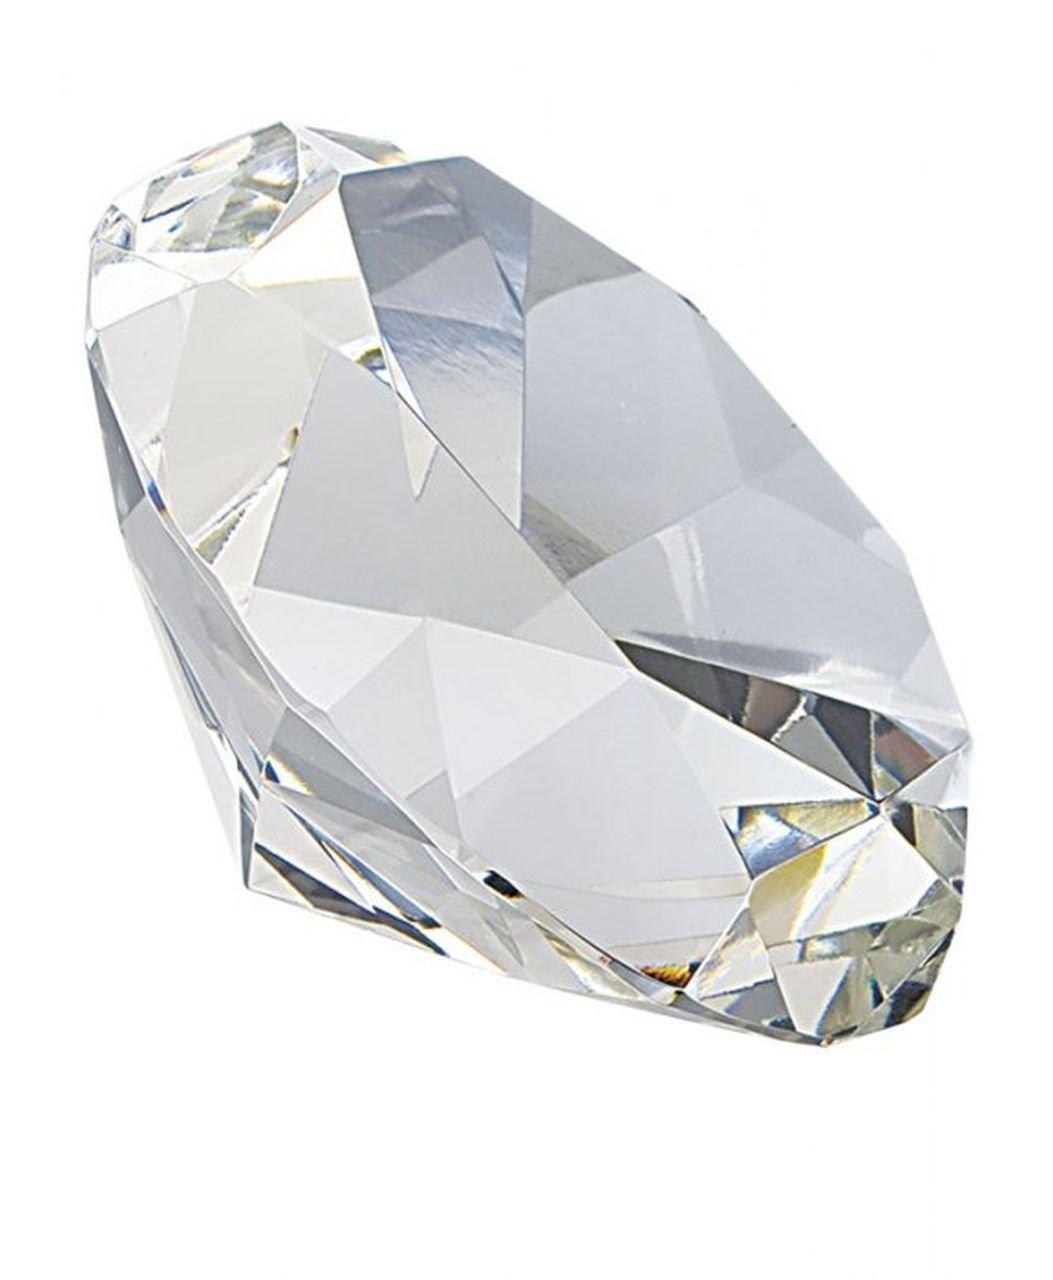 Ten Fermacarte vetro diamante grande - cod. EL35336 - Lun.9, 8 cm - Lar.9, 8 cm - Alt.6 cm by Varotto & Co.